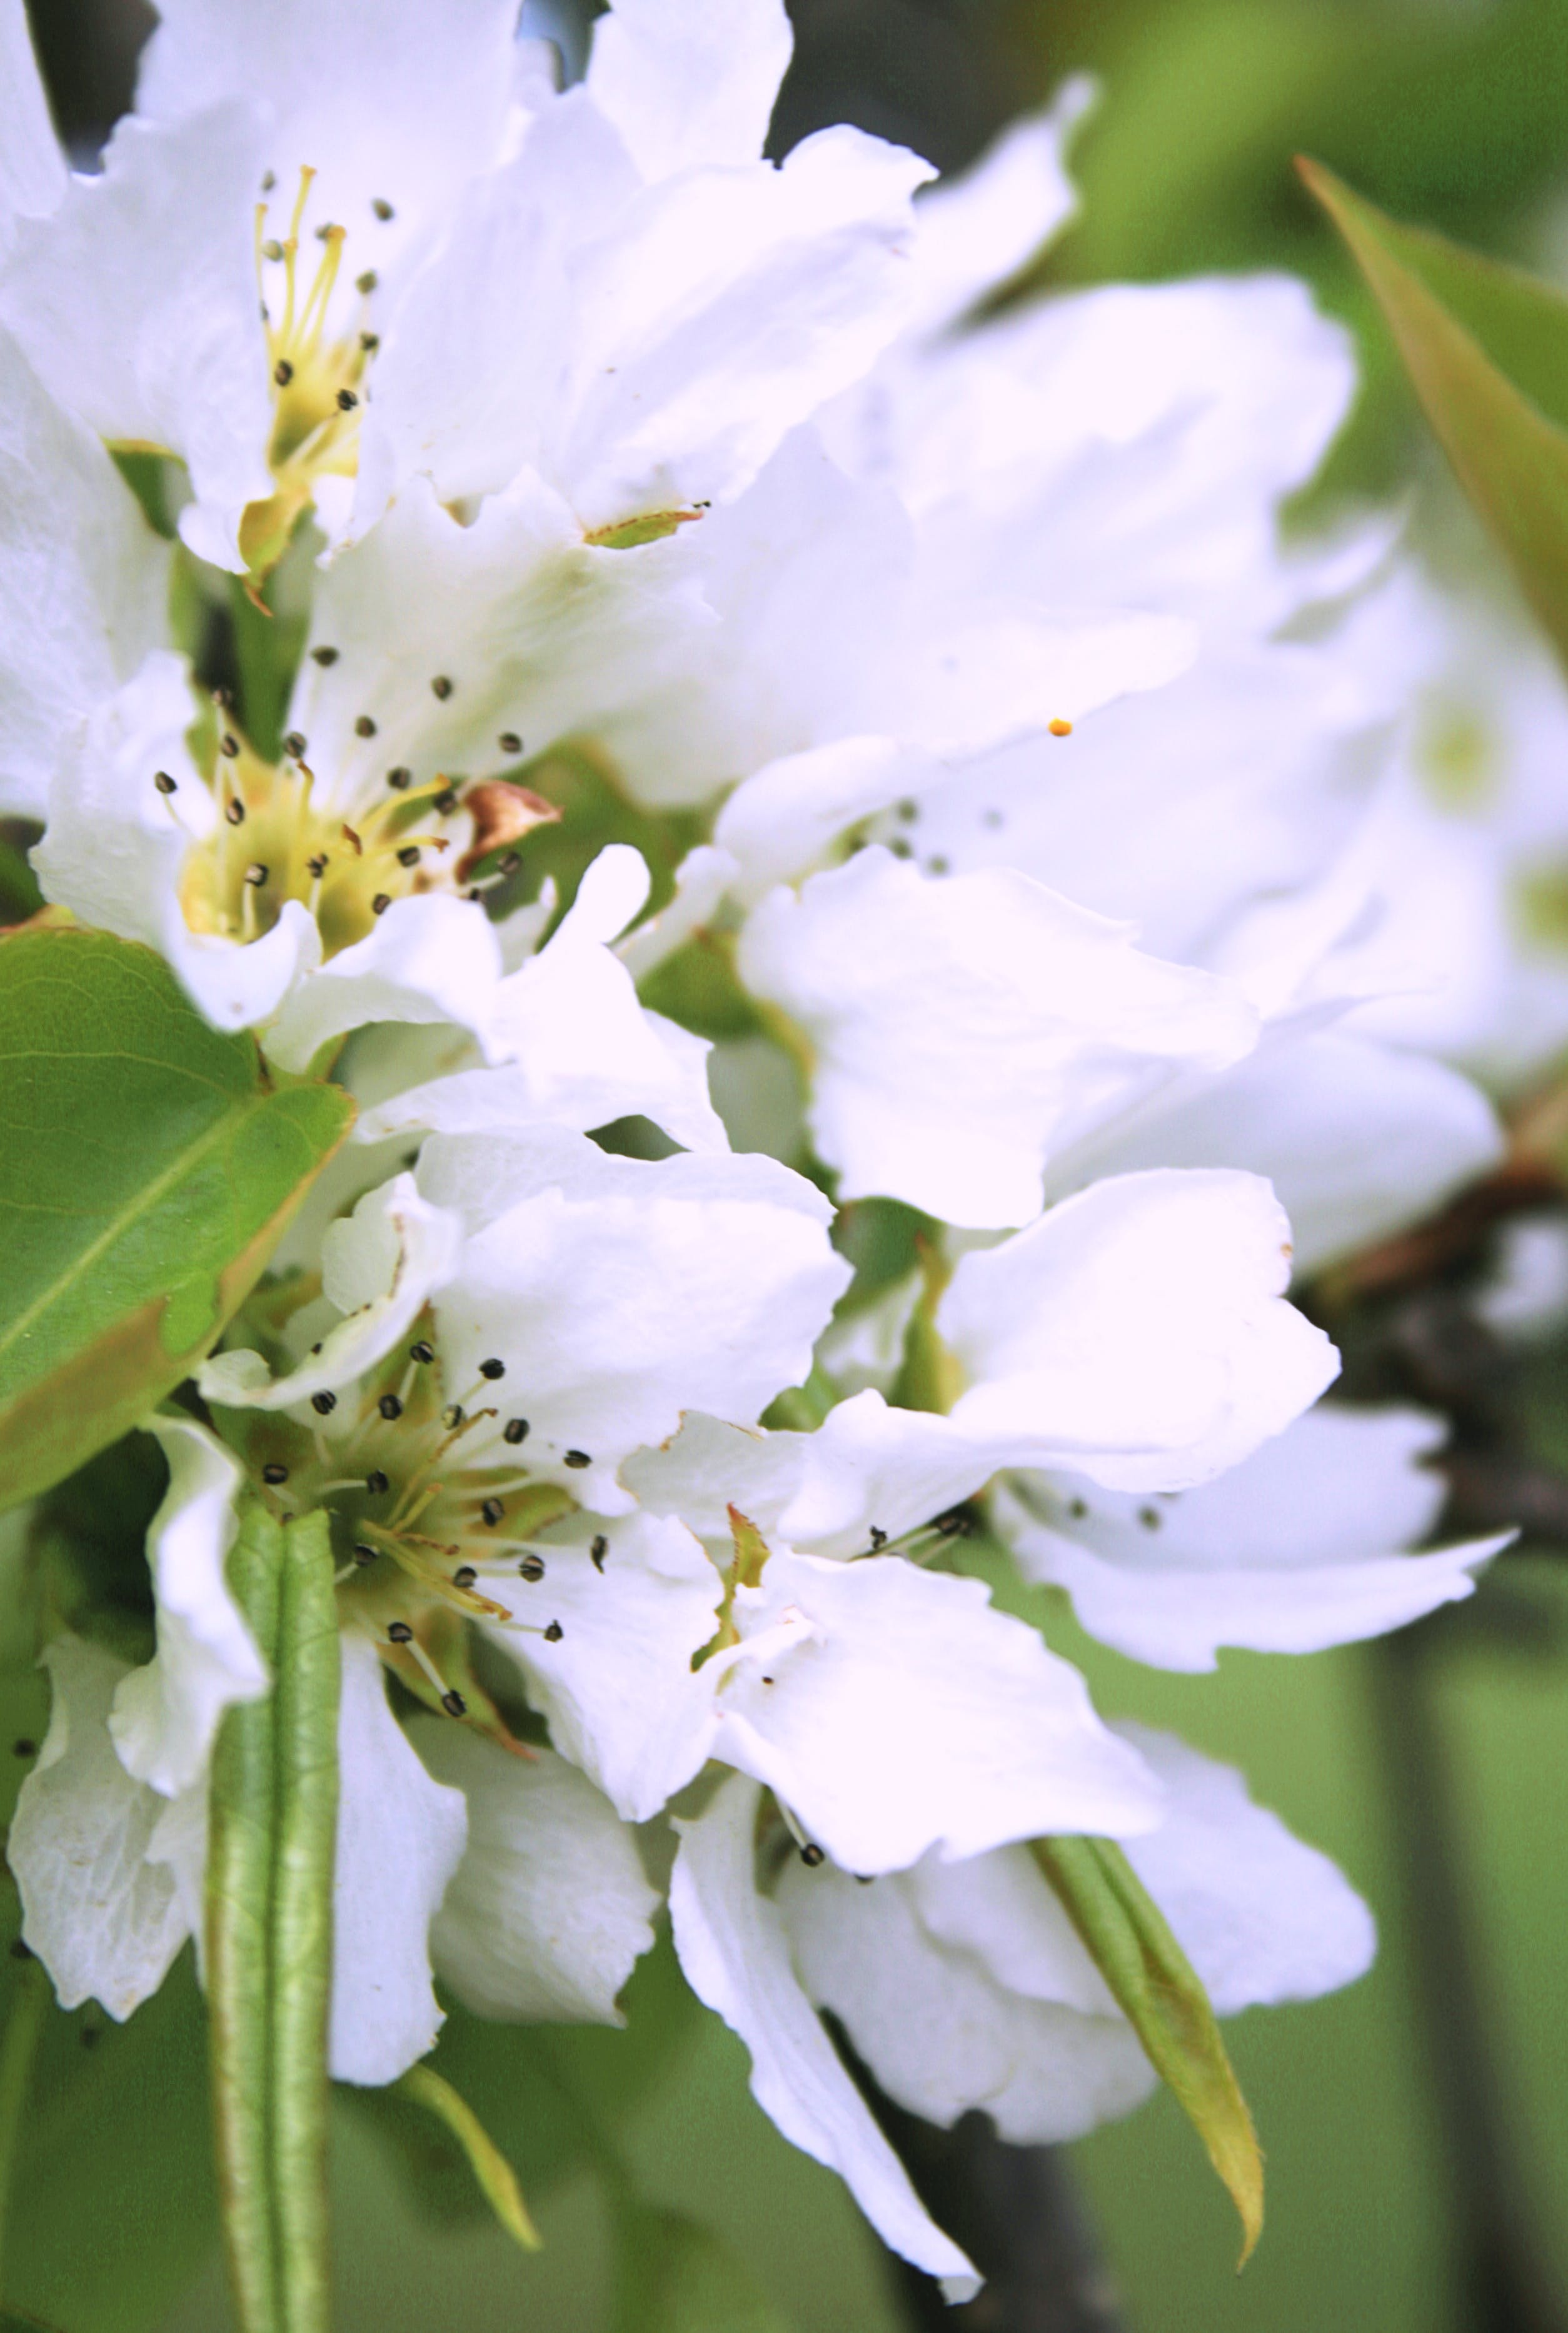 of apple-tree, beautiful, bloom, blooming